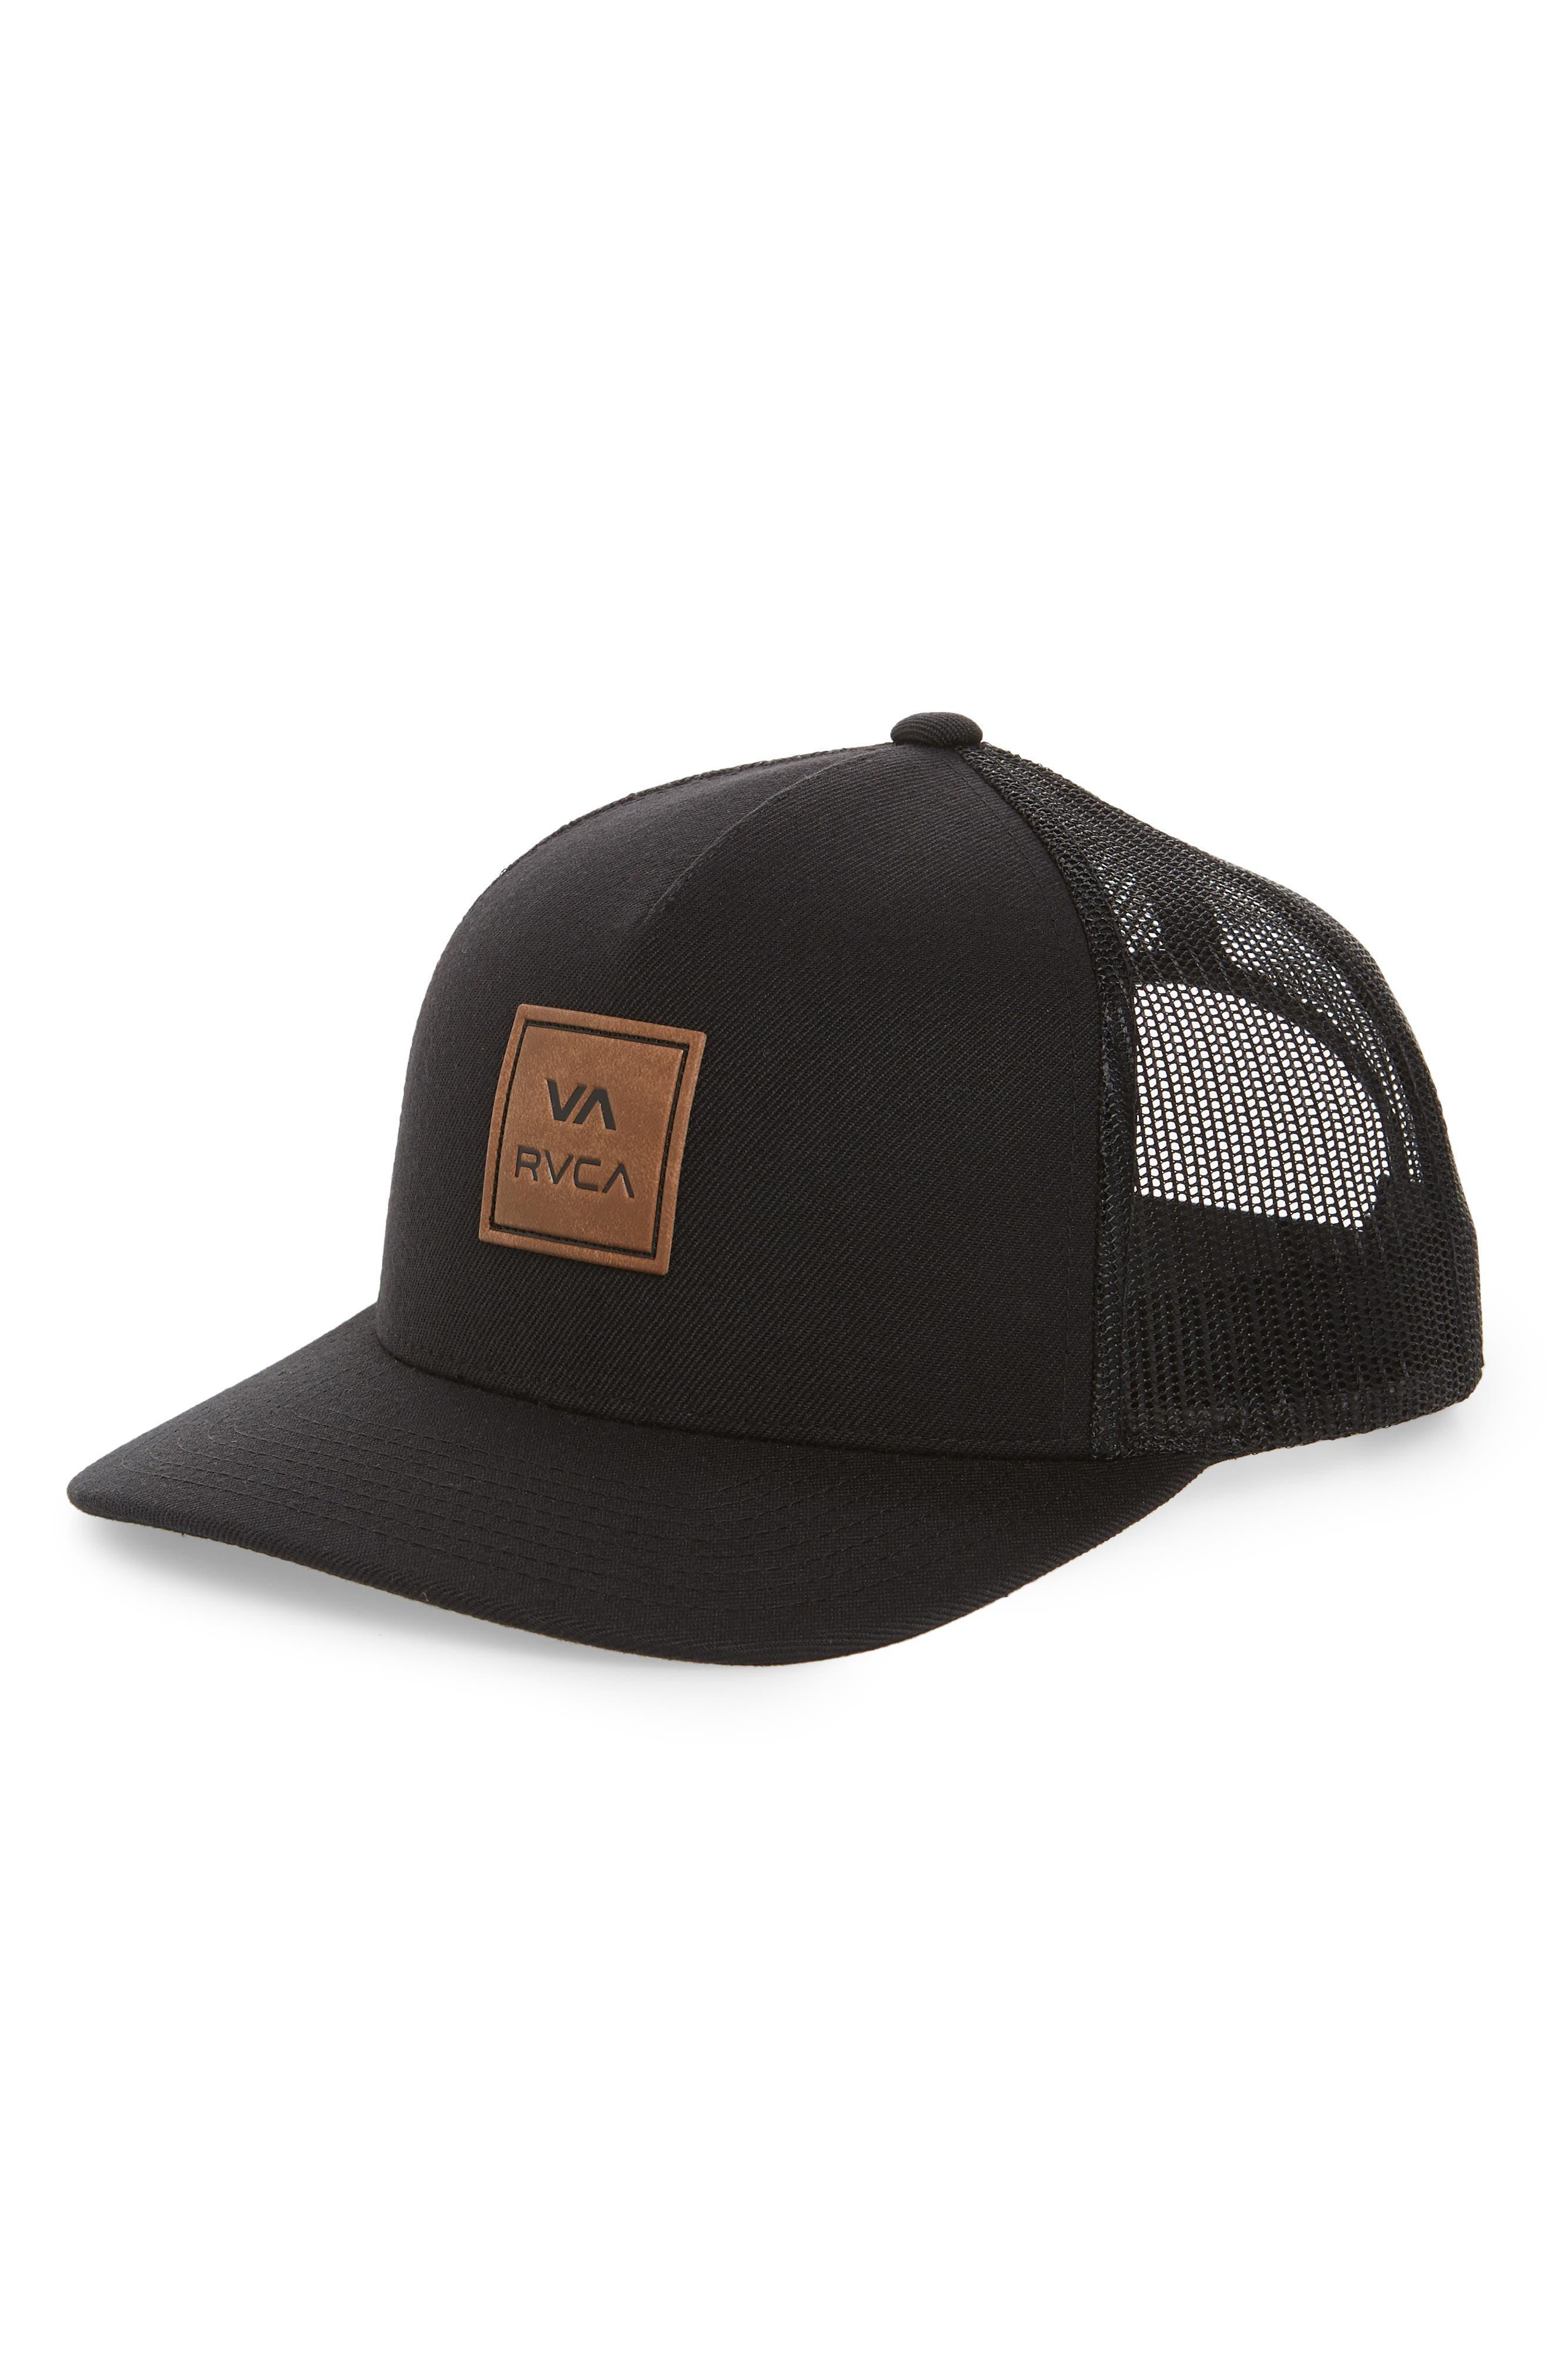 RVCA VA All the Way Logo Cap, Main, color, BLACK